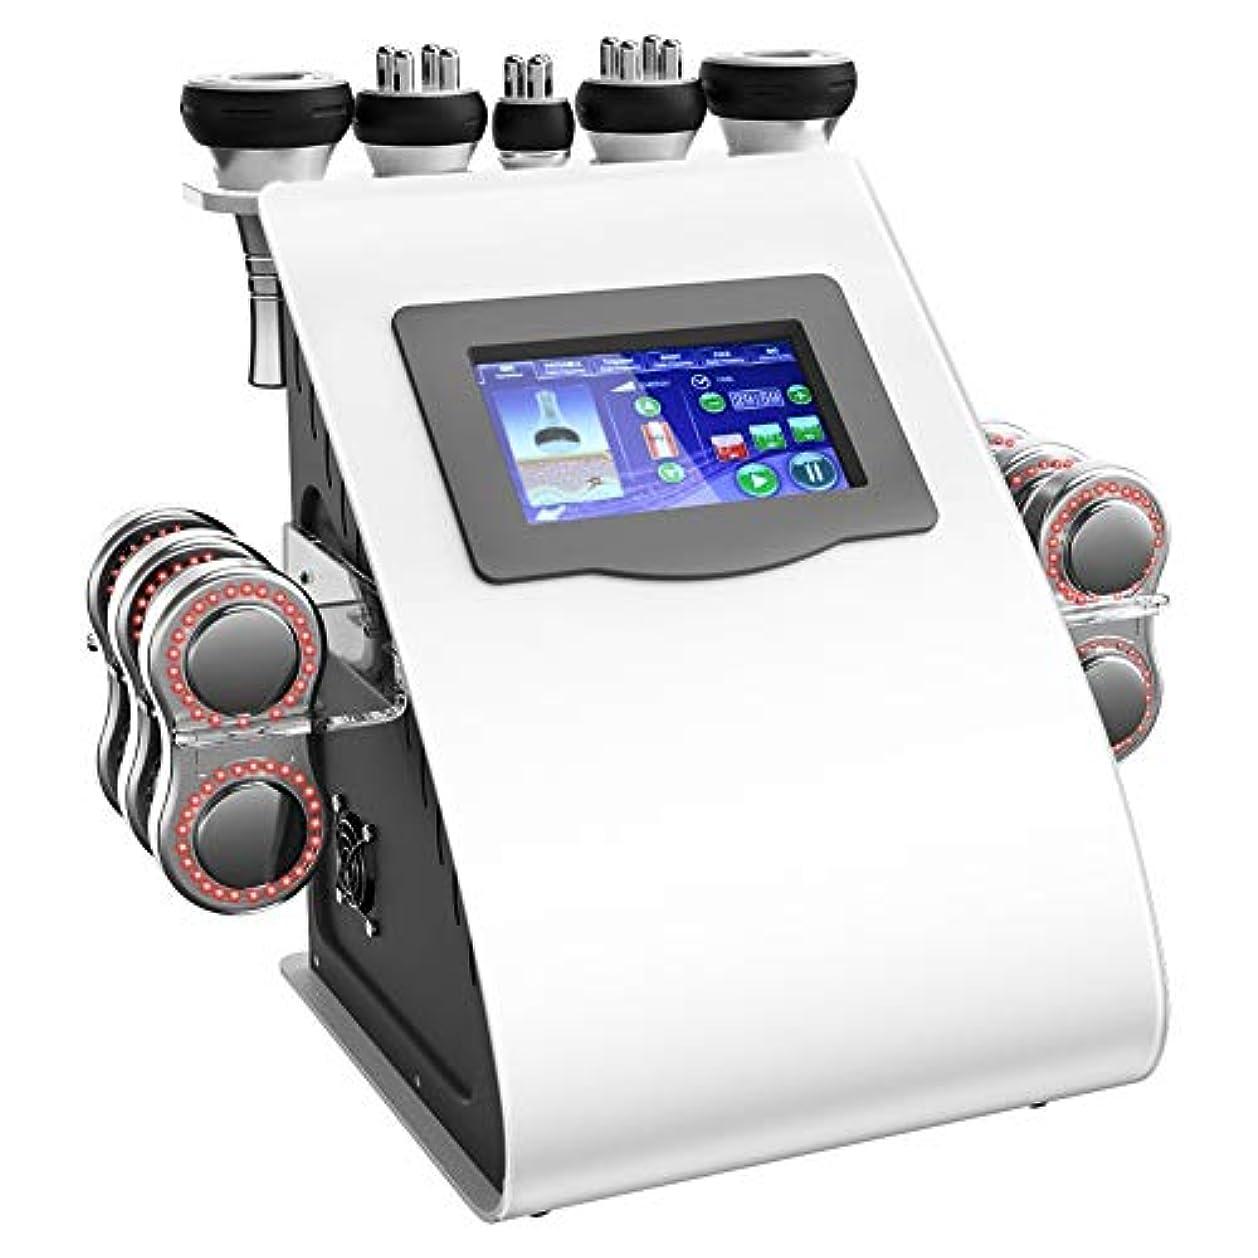 トレーダーやさしく公平な5-in-1振動ボディ整形マッサージ機、40Kフルボディーロスロスマッサージャー多極ブラスト脂肪計器フェイシャルスキンリフティングタイトング美容機(5マッサージヘッド)CE、FDA承認(110?240V)